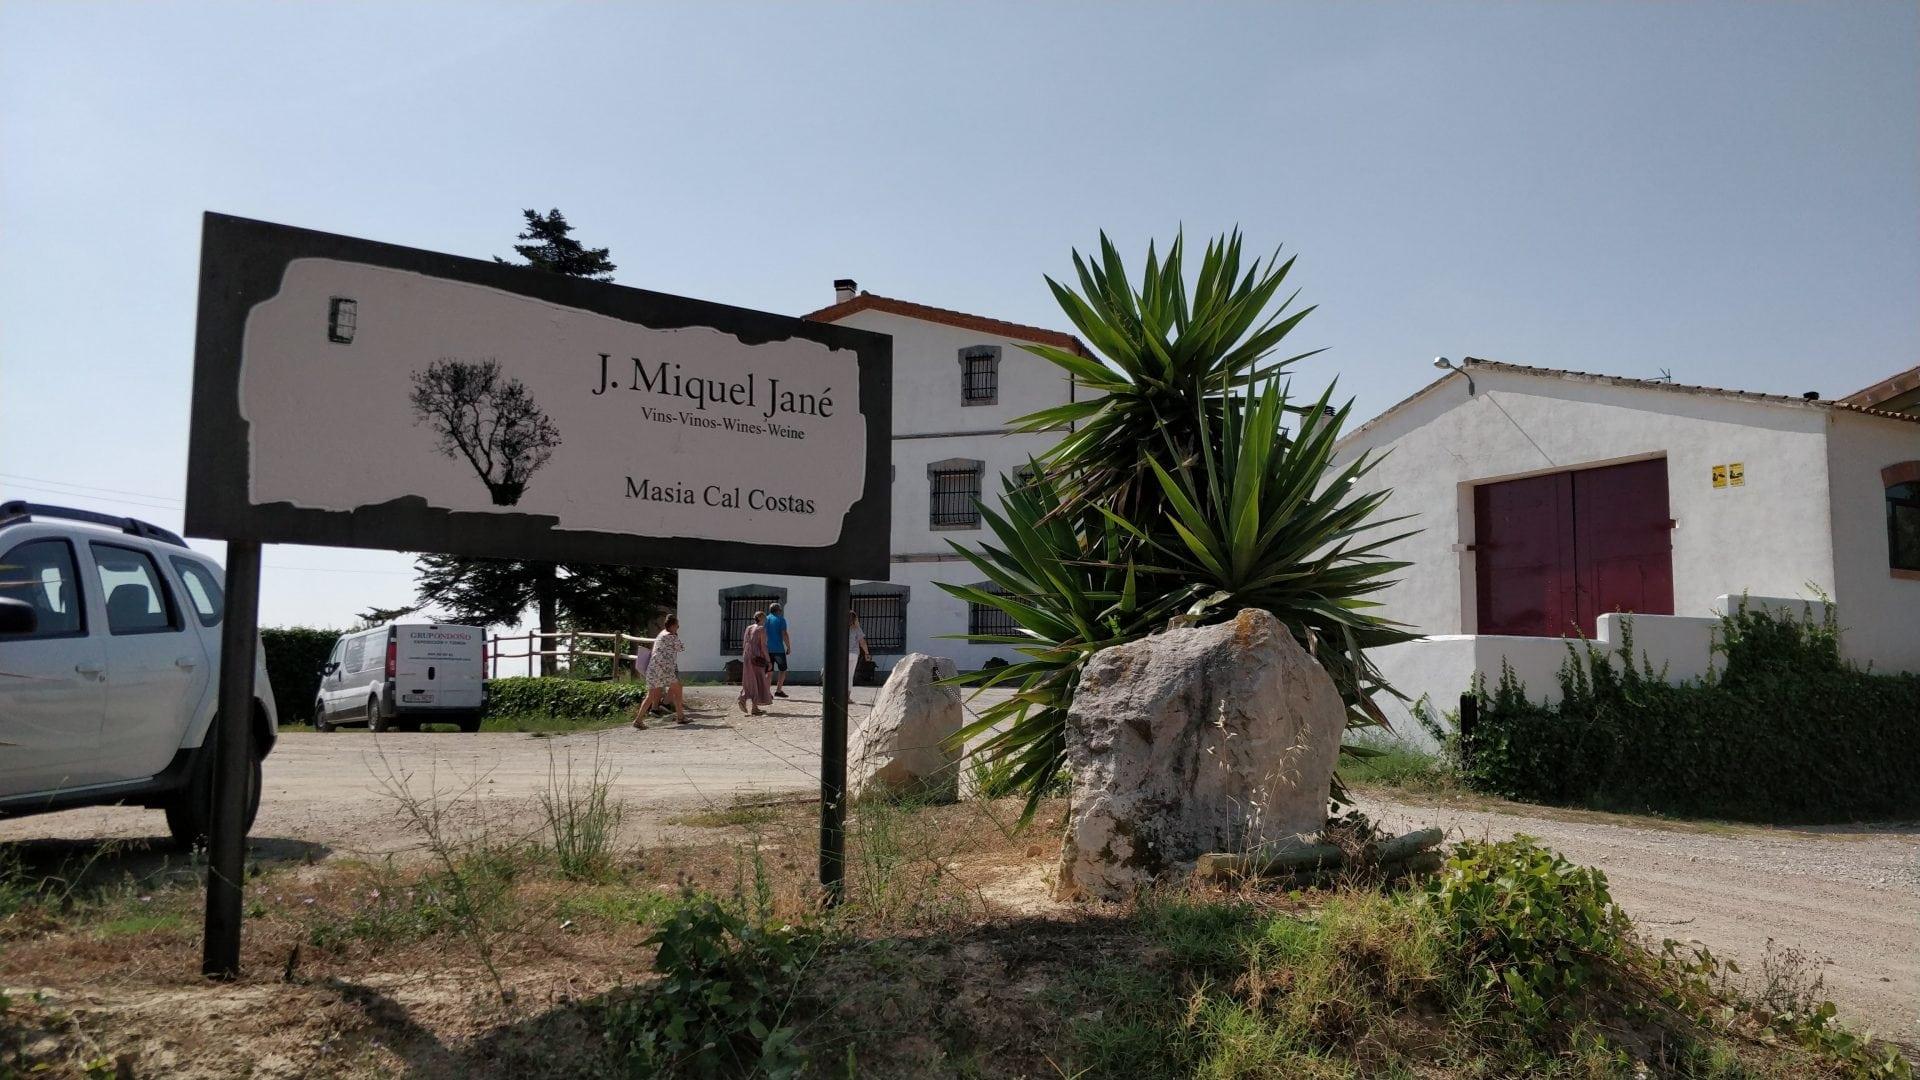 Visitamos Miquel Jané – Curso de viticultura enología y cata